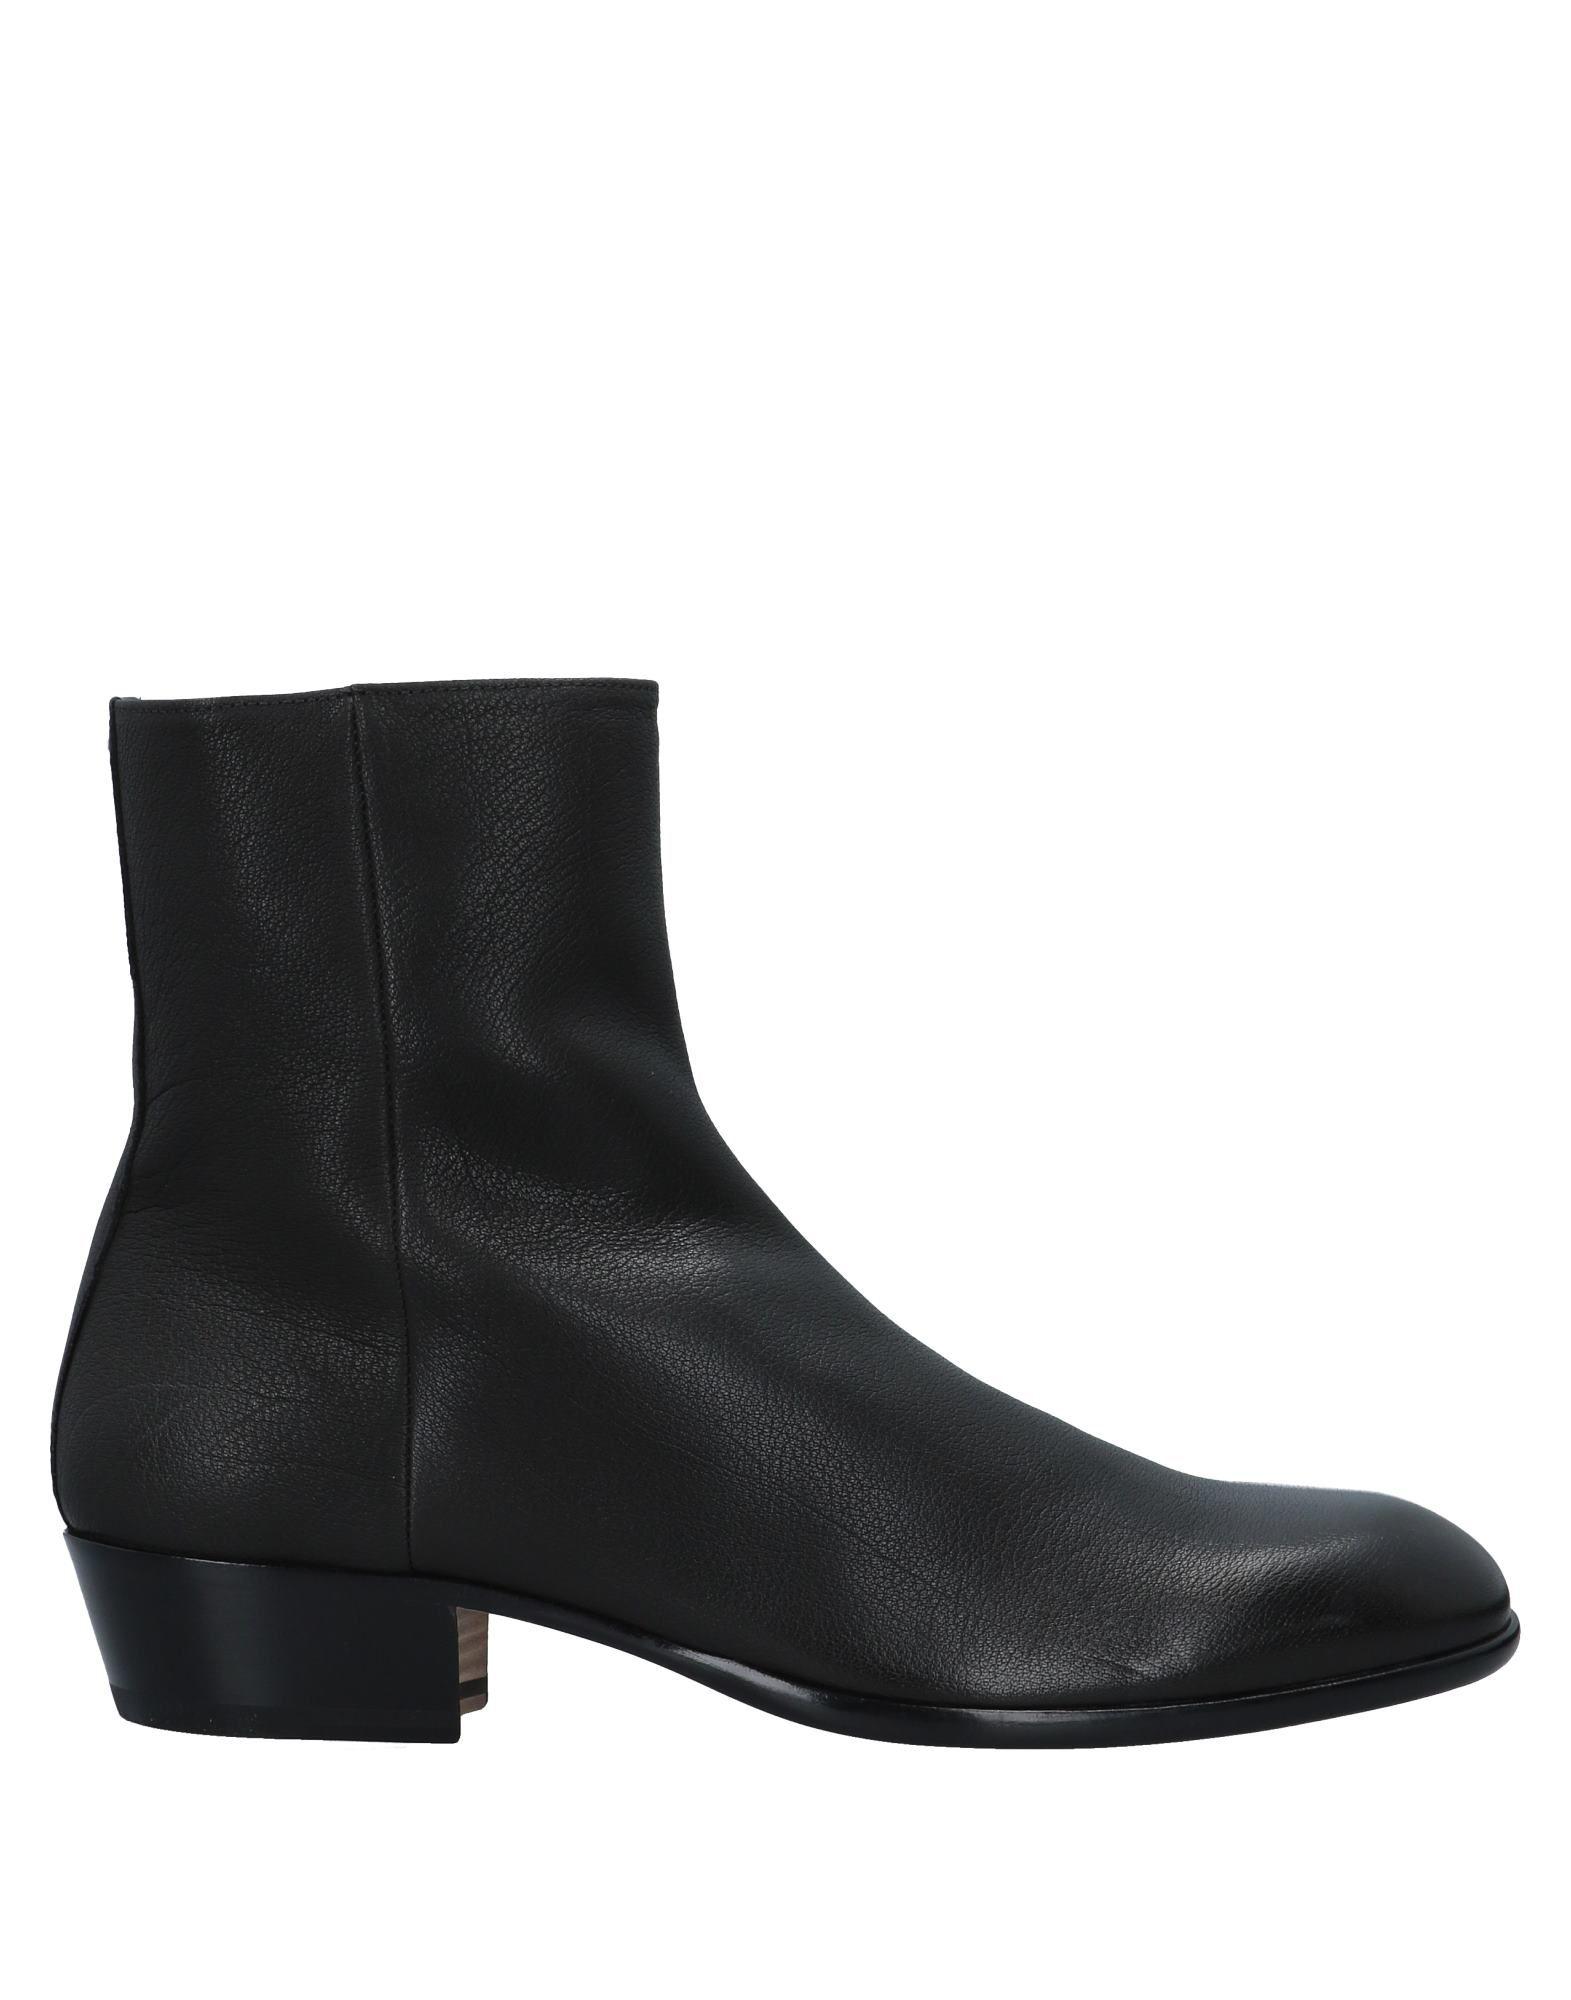 Maison Margiela Stiefelette Herren  11535543UO Gute Qualität beliebte Schuhe